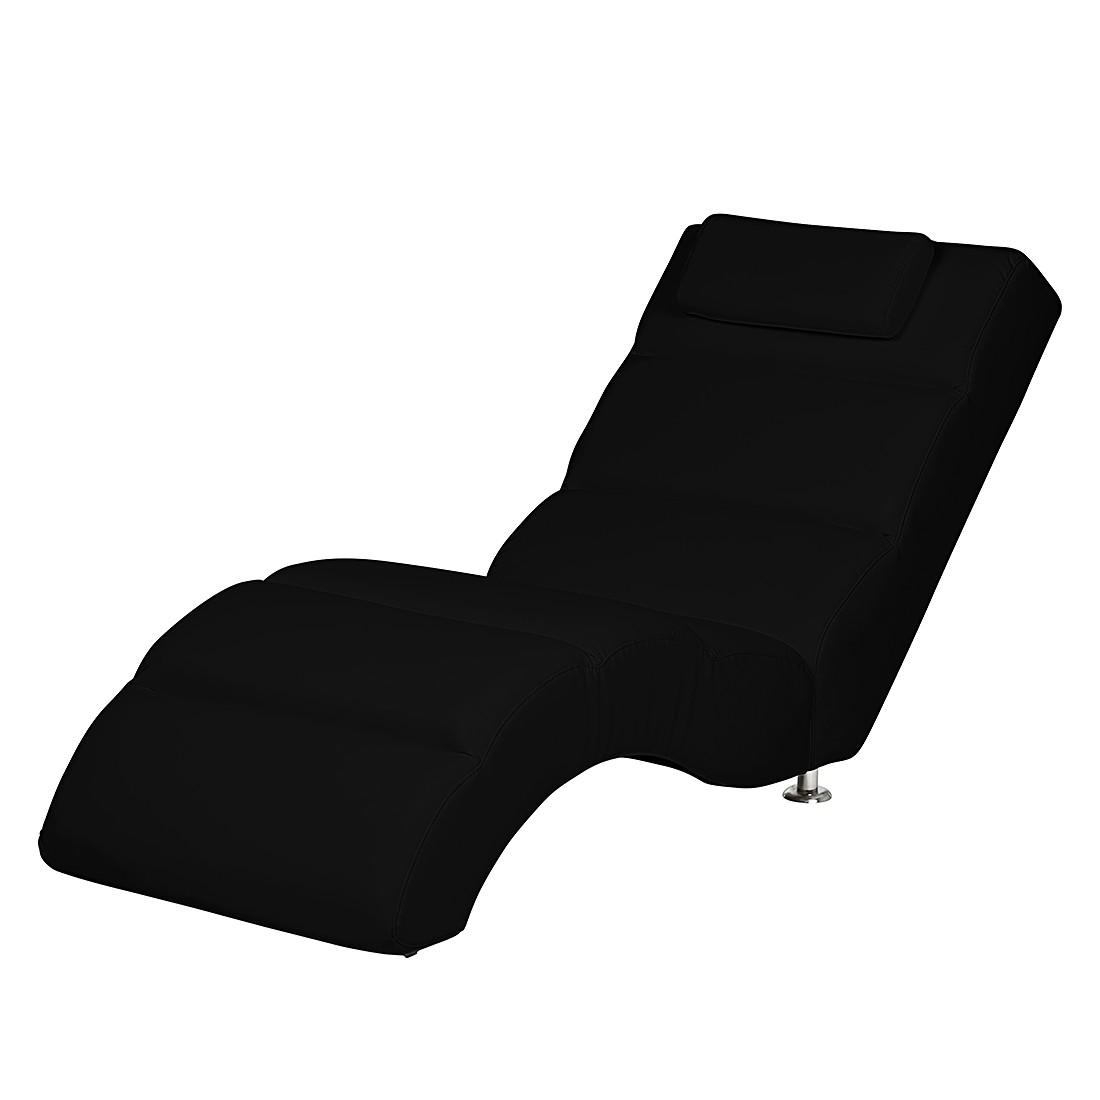 goedkoop Relaxfauteuil Califfo kunstleer zwart Neue Modular